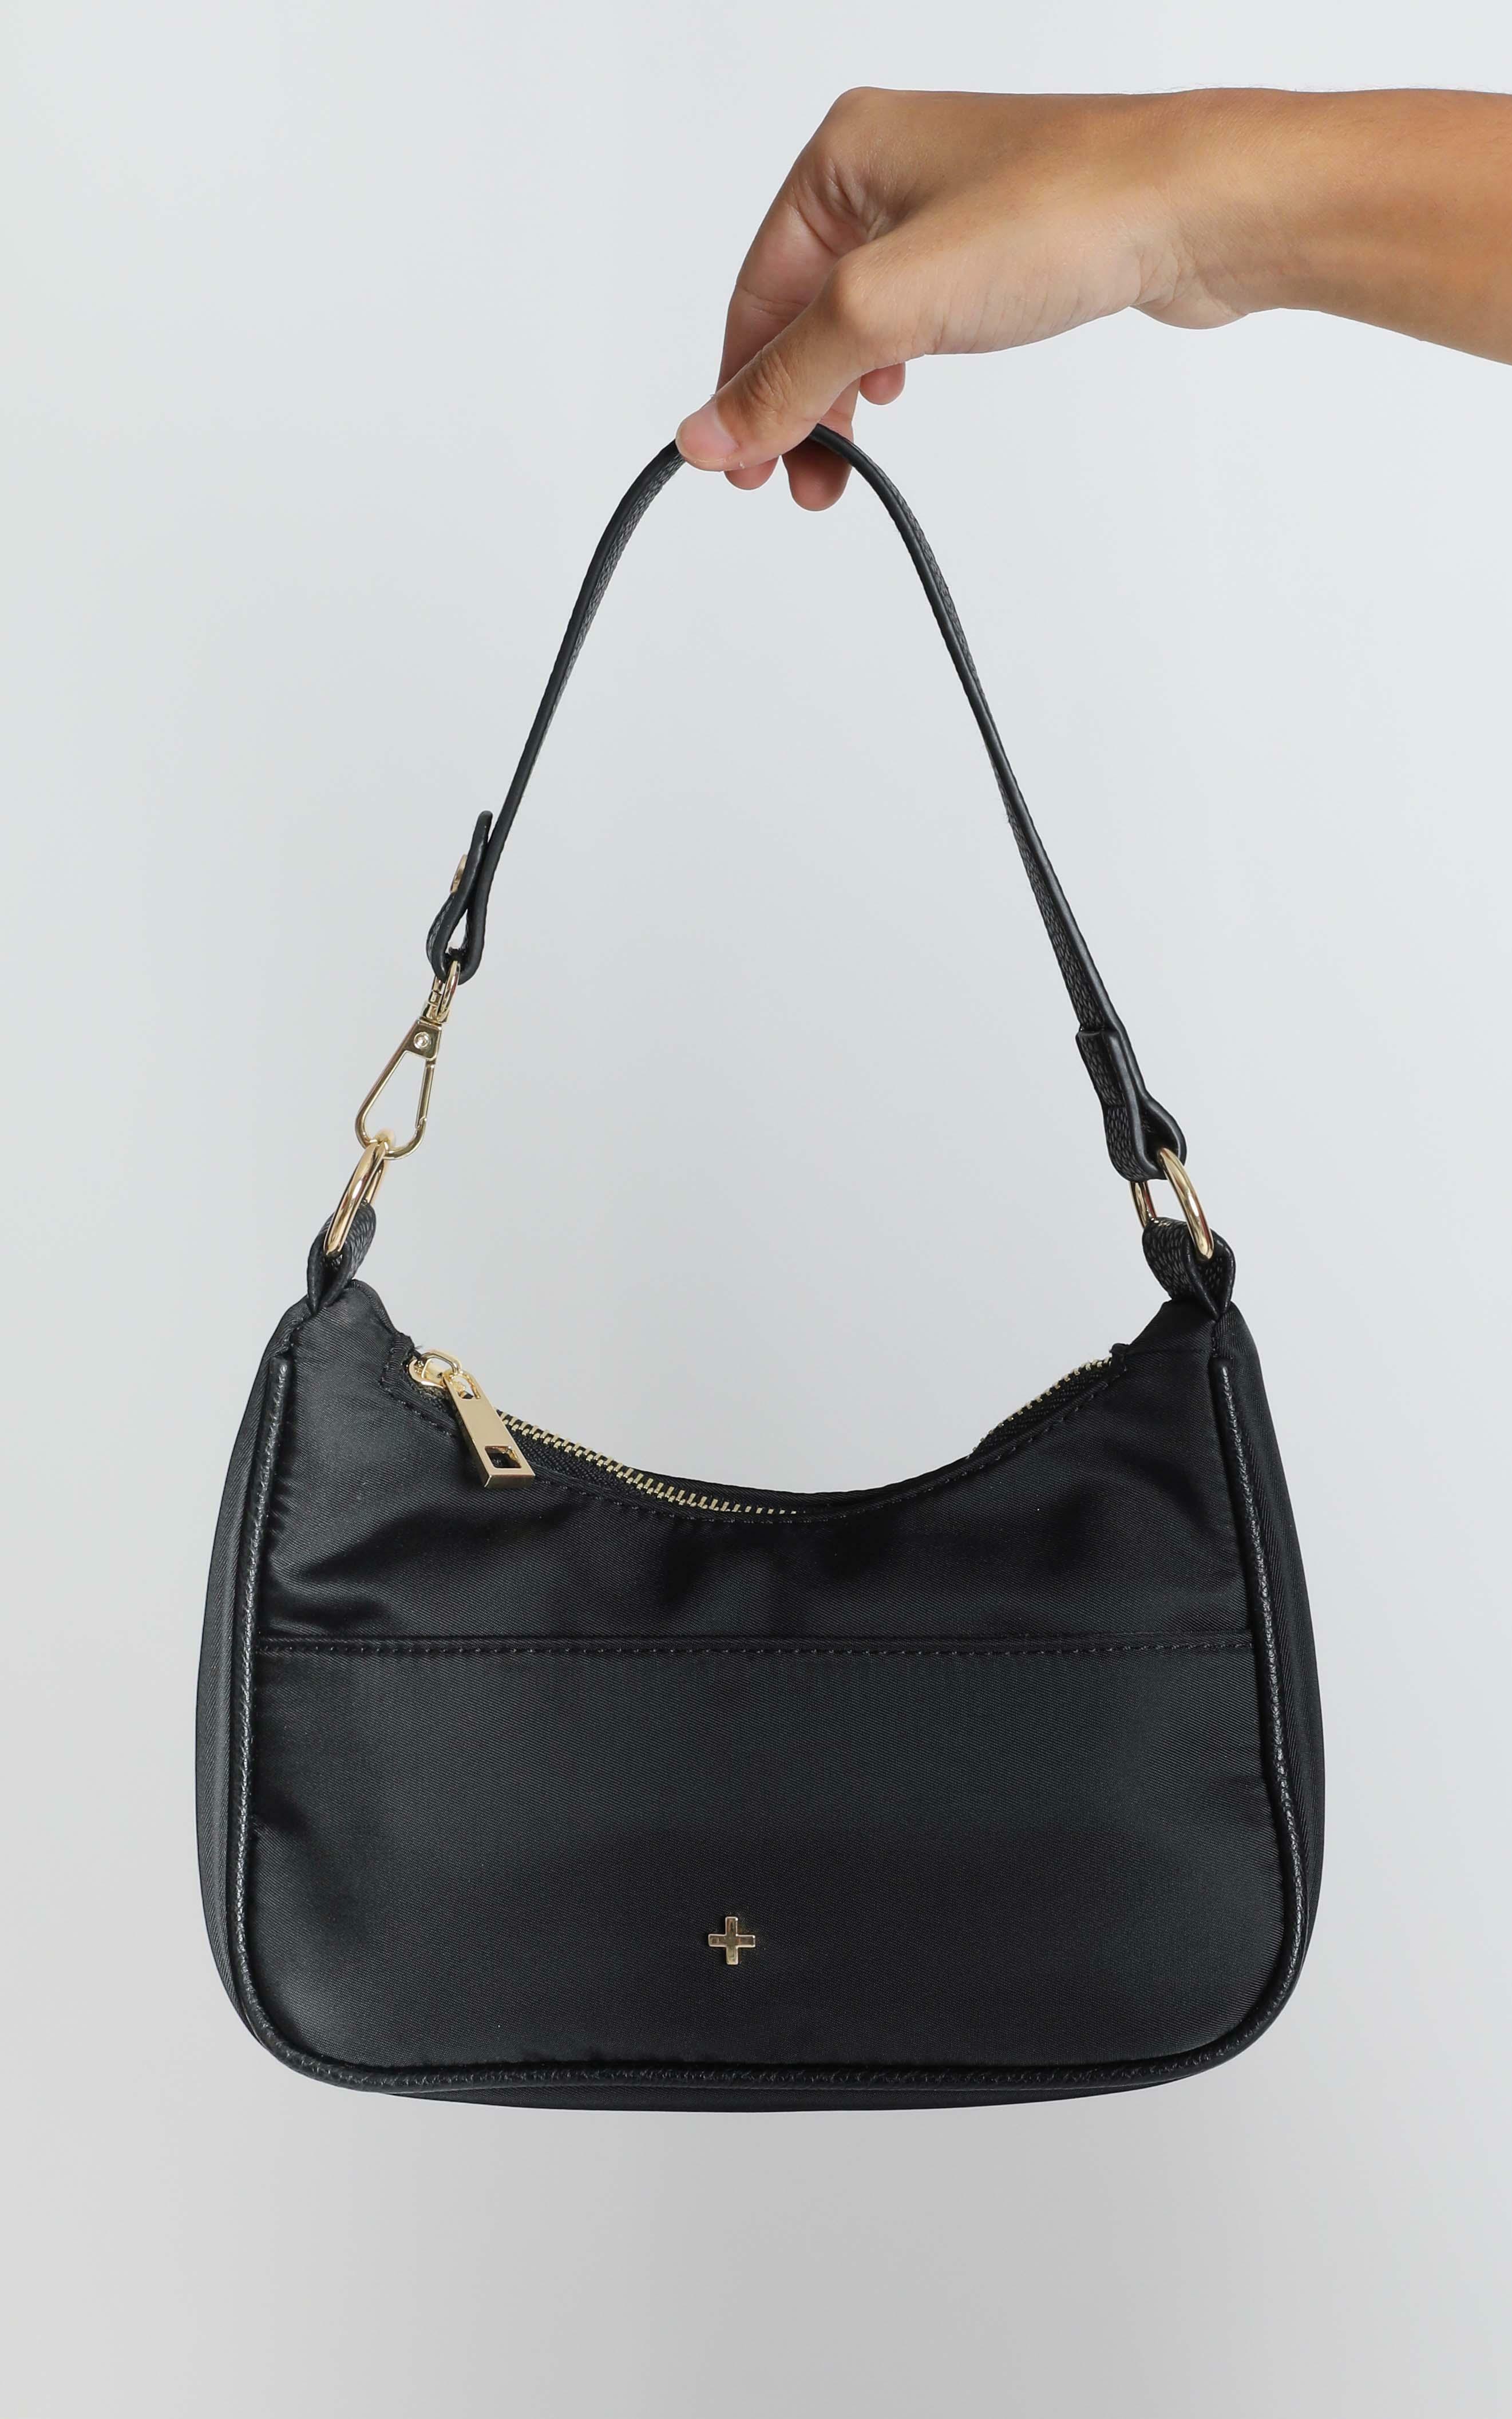 Peta and Jain - Tal Shoulder Bag In Black Nylon, BLK6, hi-res image number null